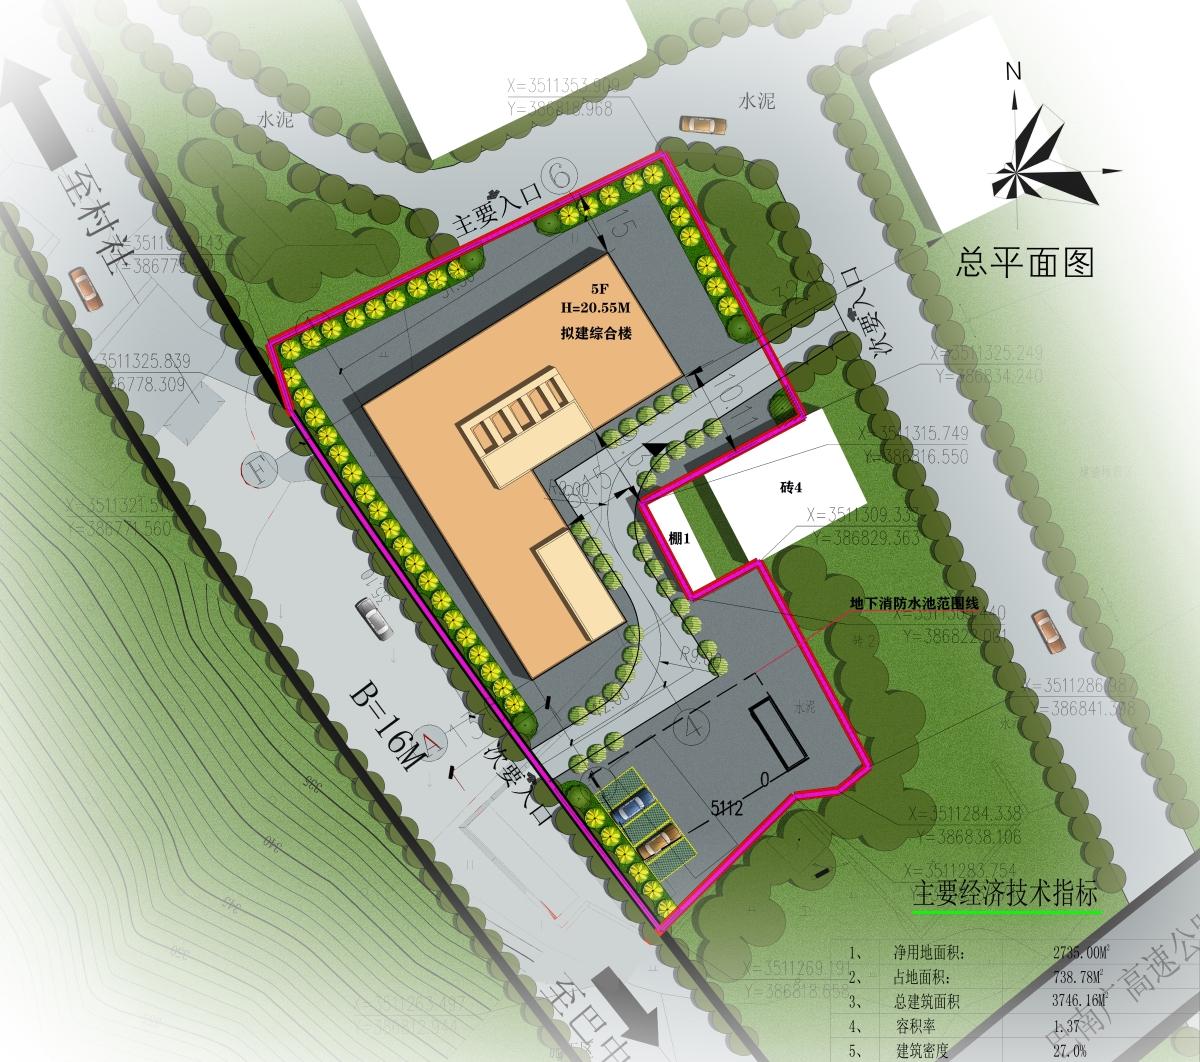 《梁永卫生院建筑设计方案规划公示》信息